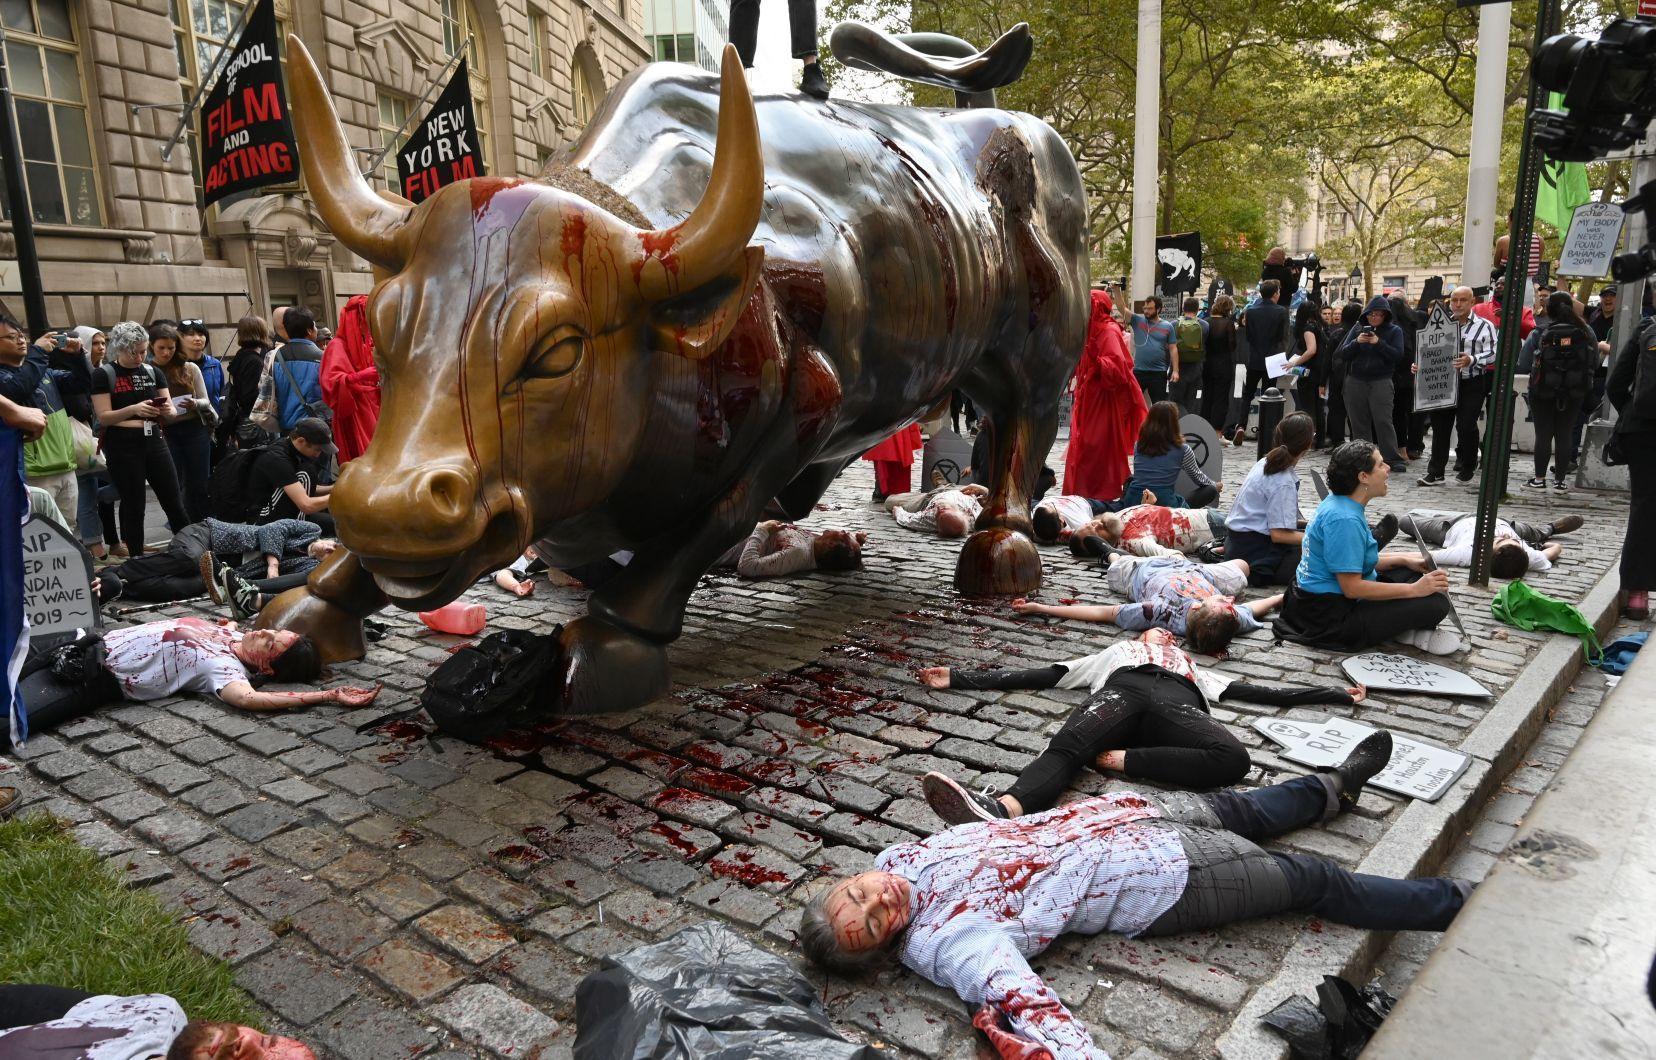 Le capitalisme tue : le message des rebelles de Wall Street, à New York